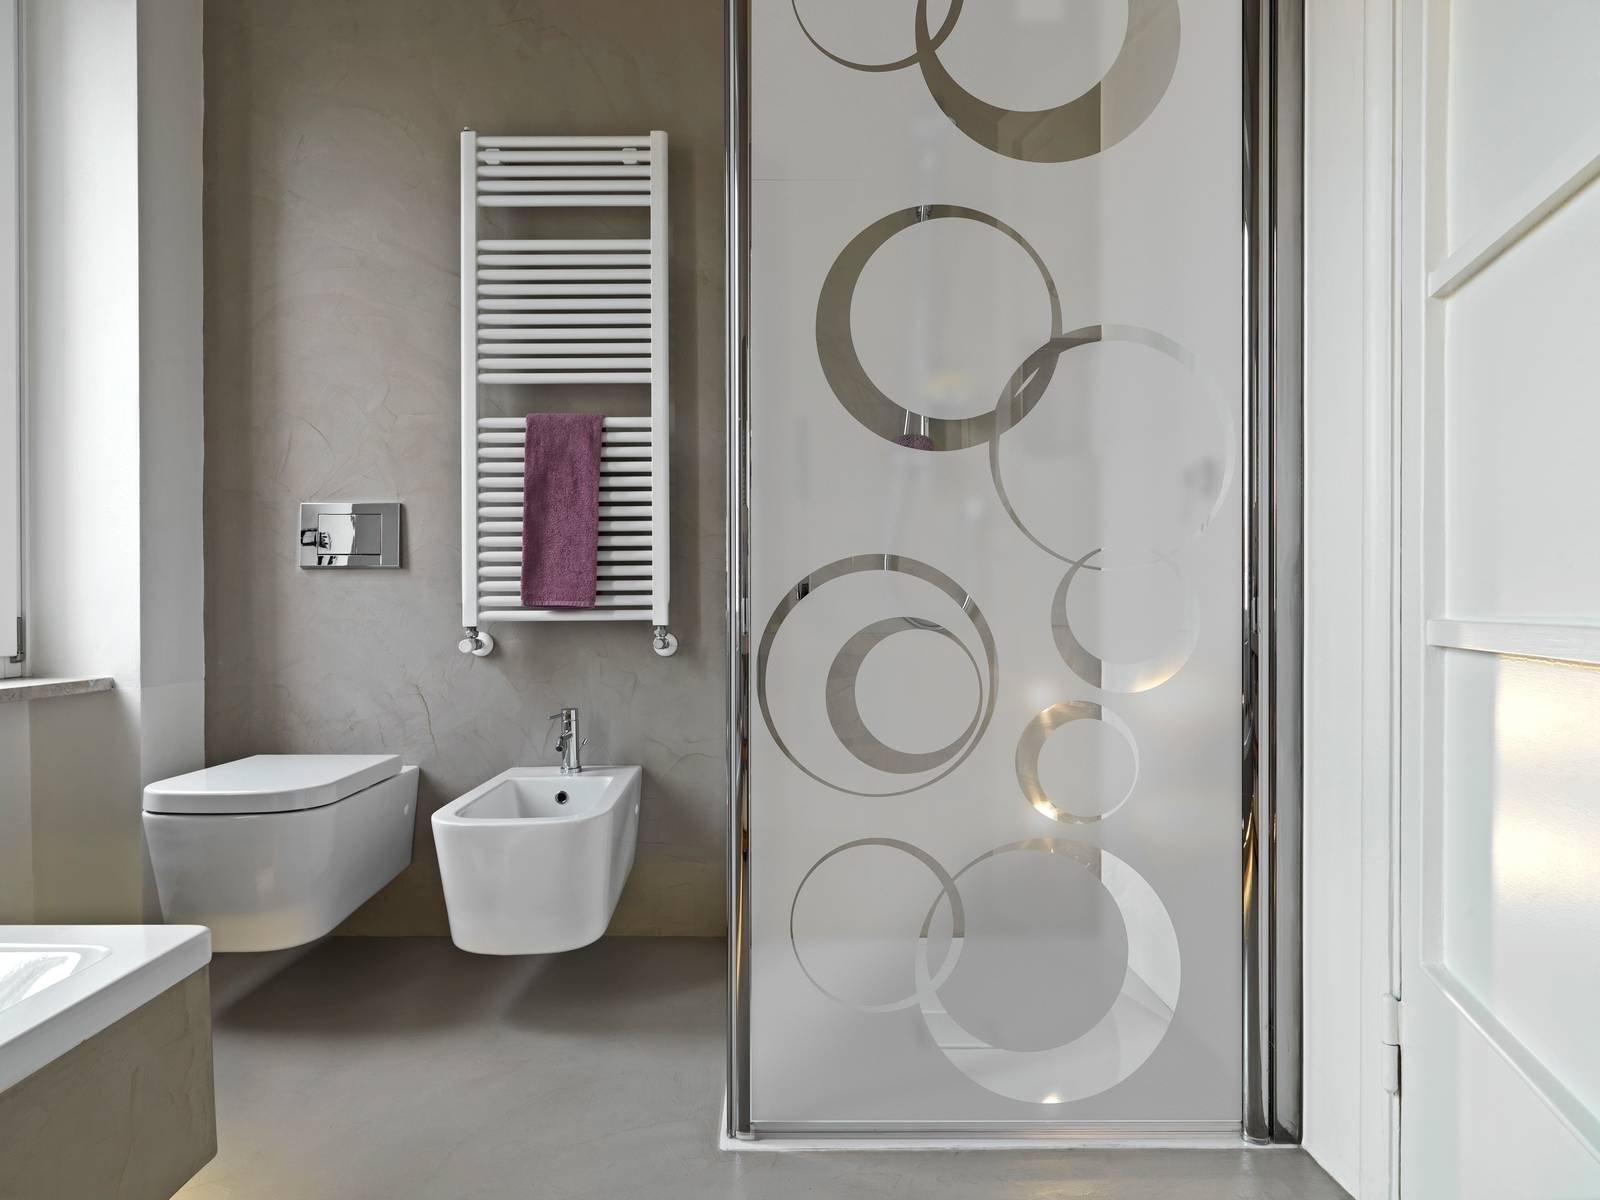 Sticker e adesivi per cambiare look alla doccia alla for Adesivi per piastrelle doccia